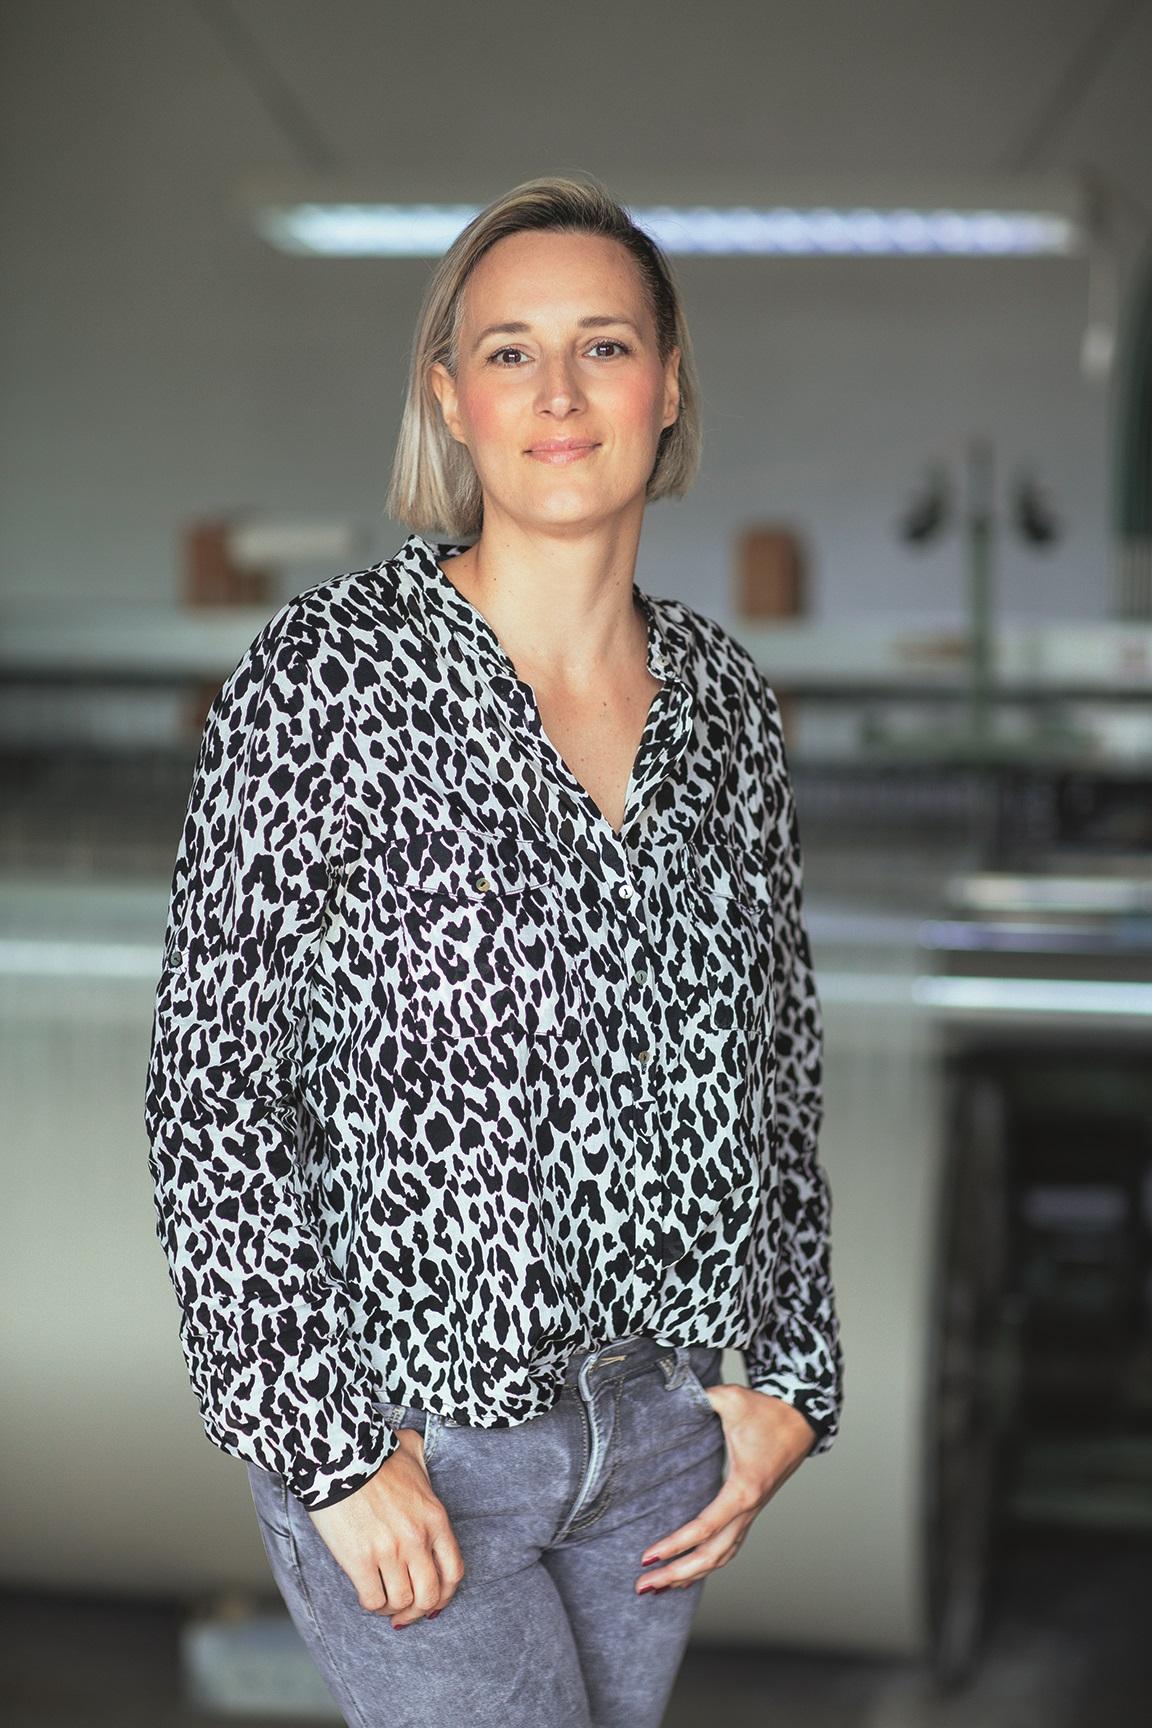 Susobreg 29.04.2020 Iva Hadzina vlasnica obrta Etno Motiv, izradjuje stolnjake inspirirane narodnom bastinom foto vedran peteh